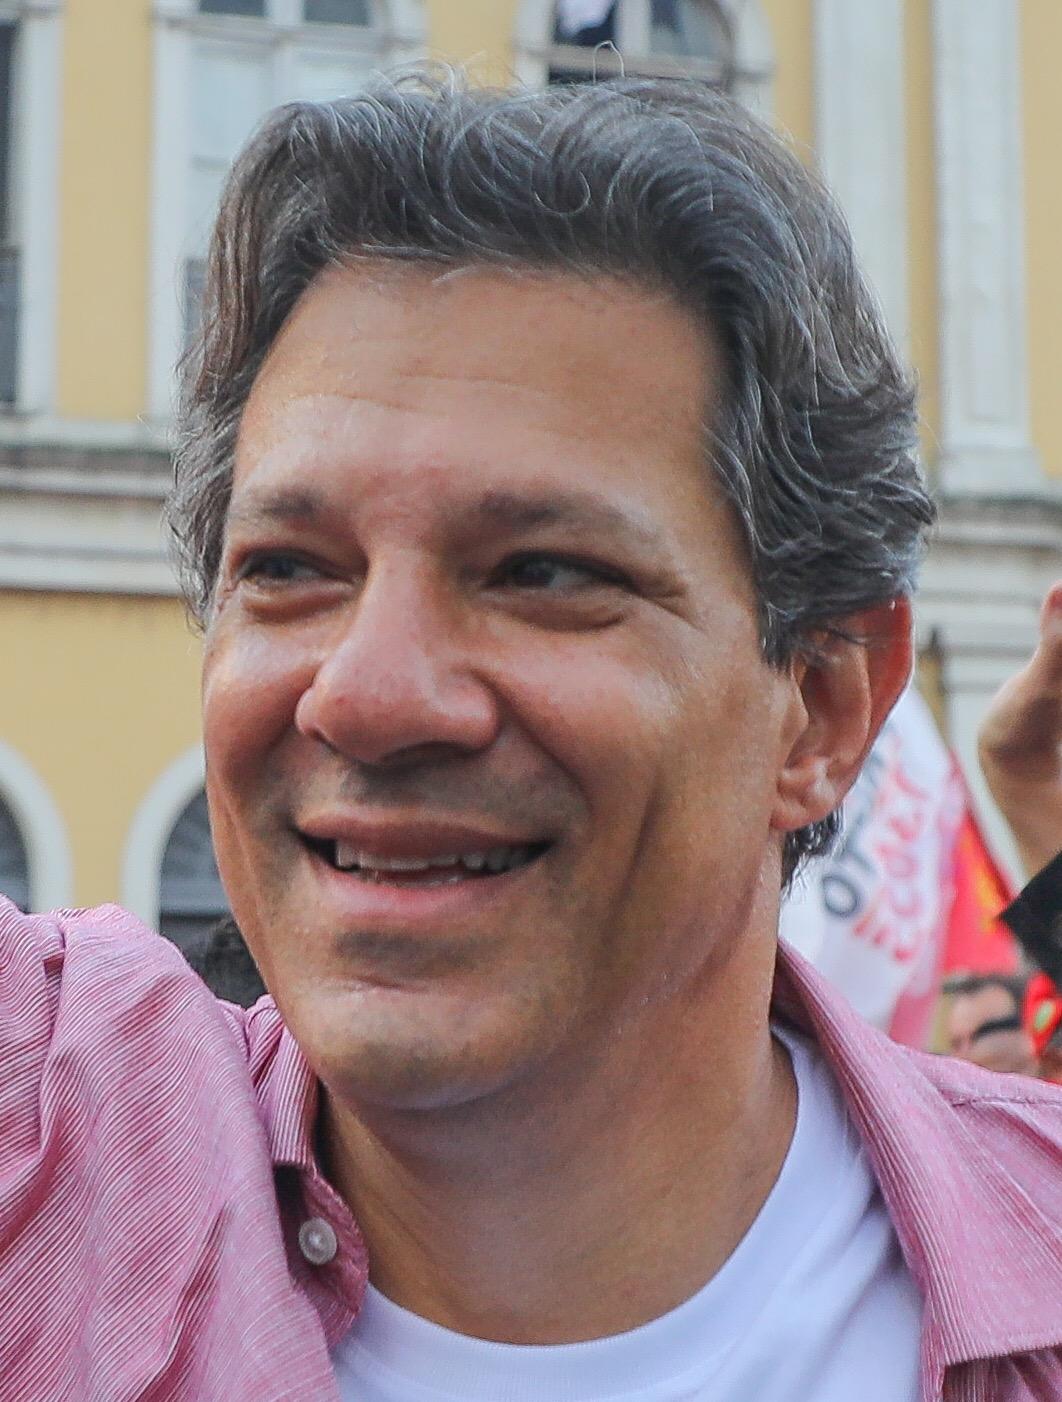 Veja o que saiu no Migalhas sobre Fernando Haddad